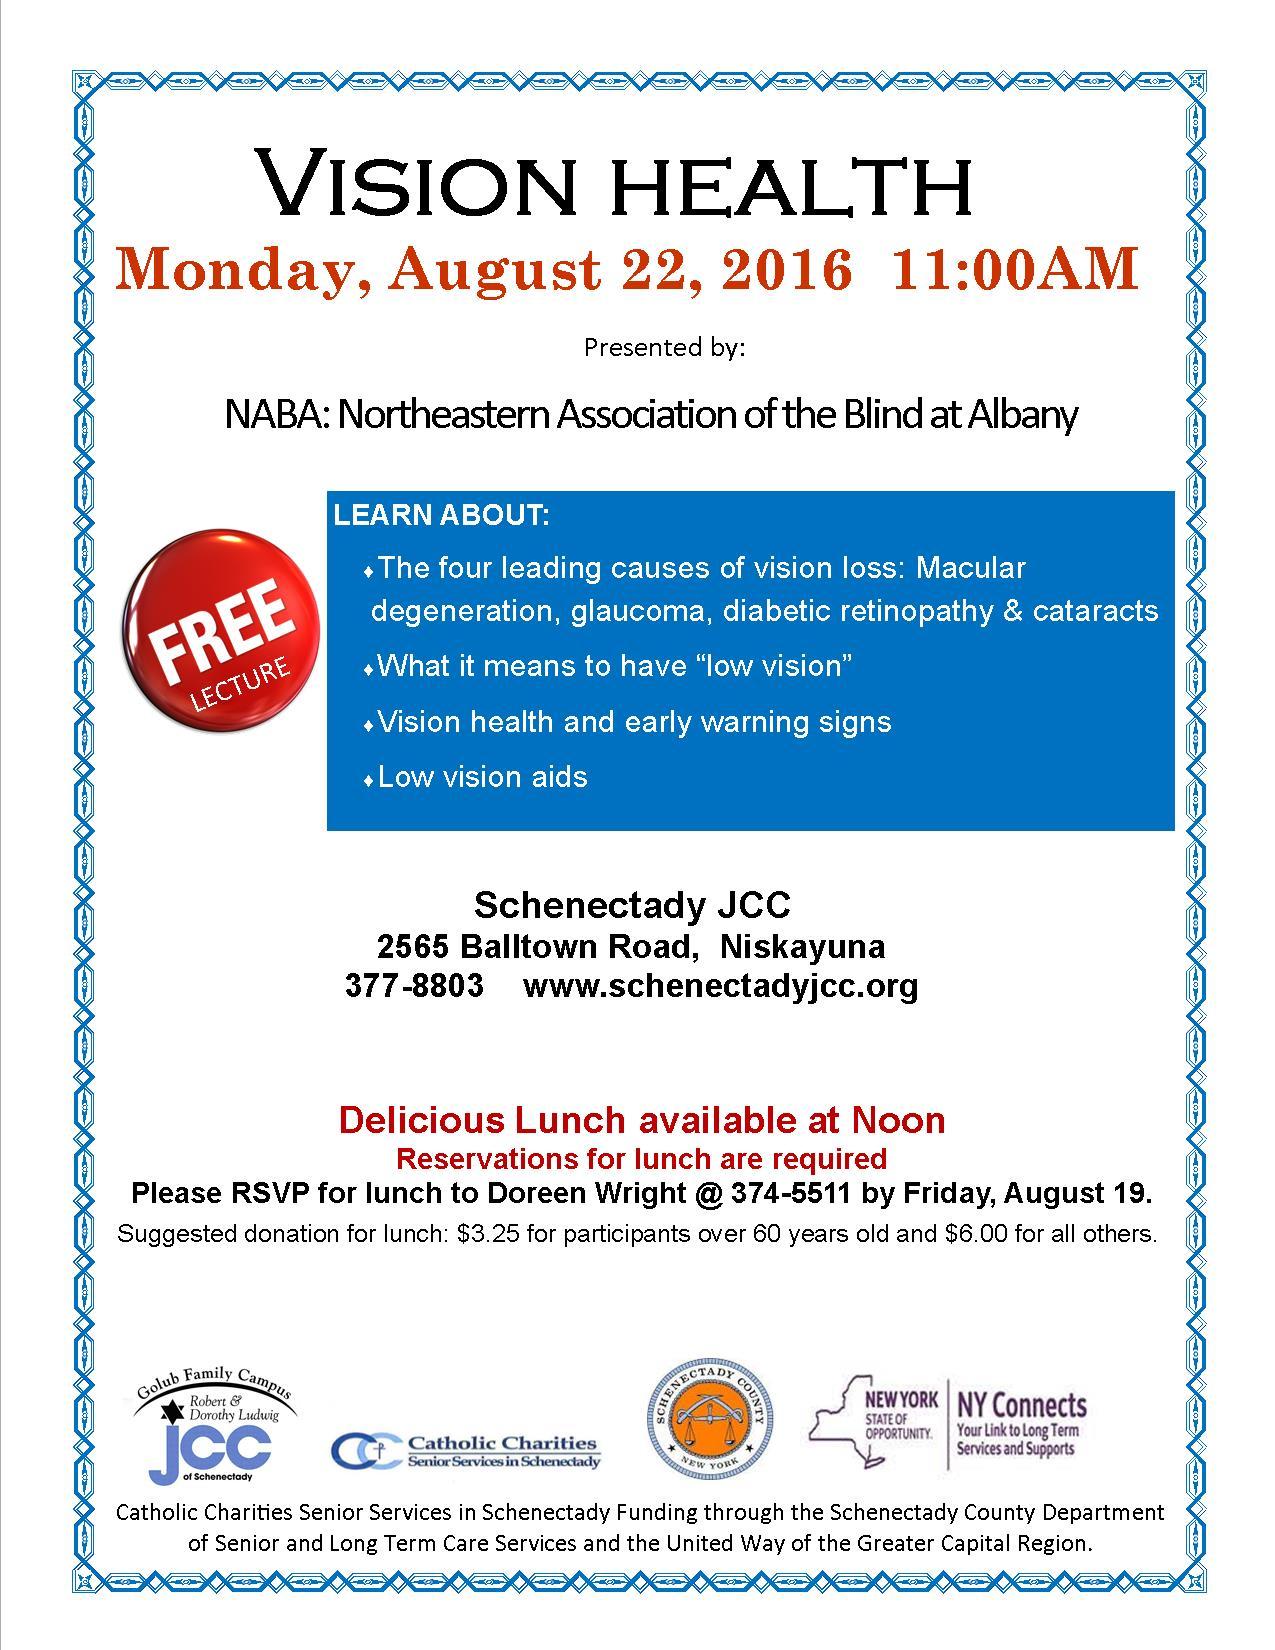 Vision Health - Schenectady Jewish Community Center